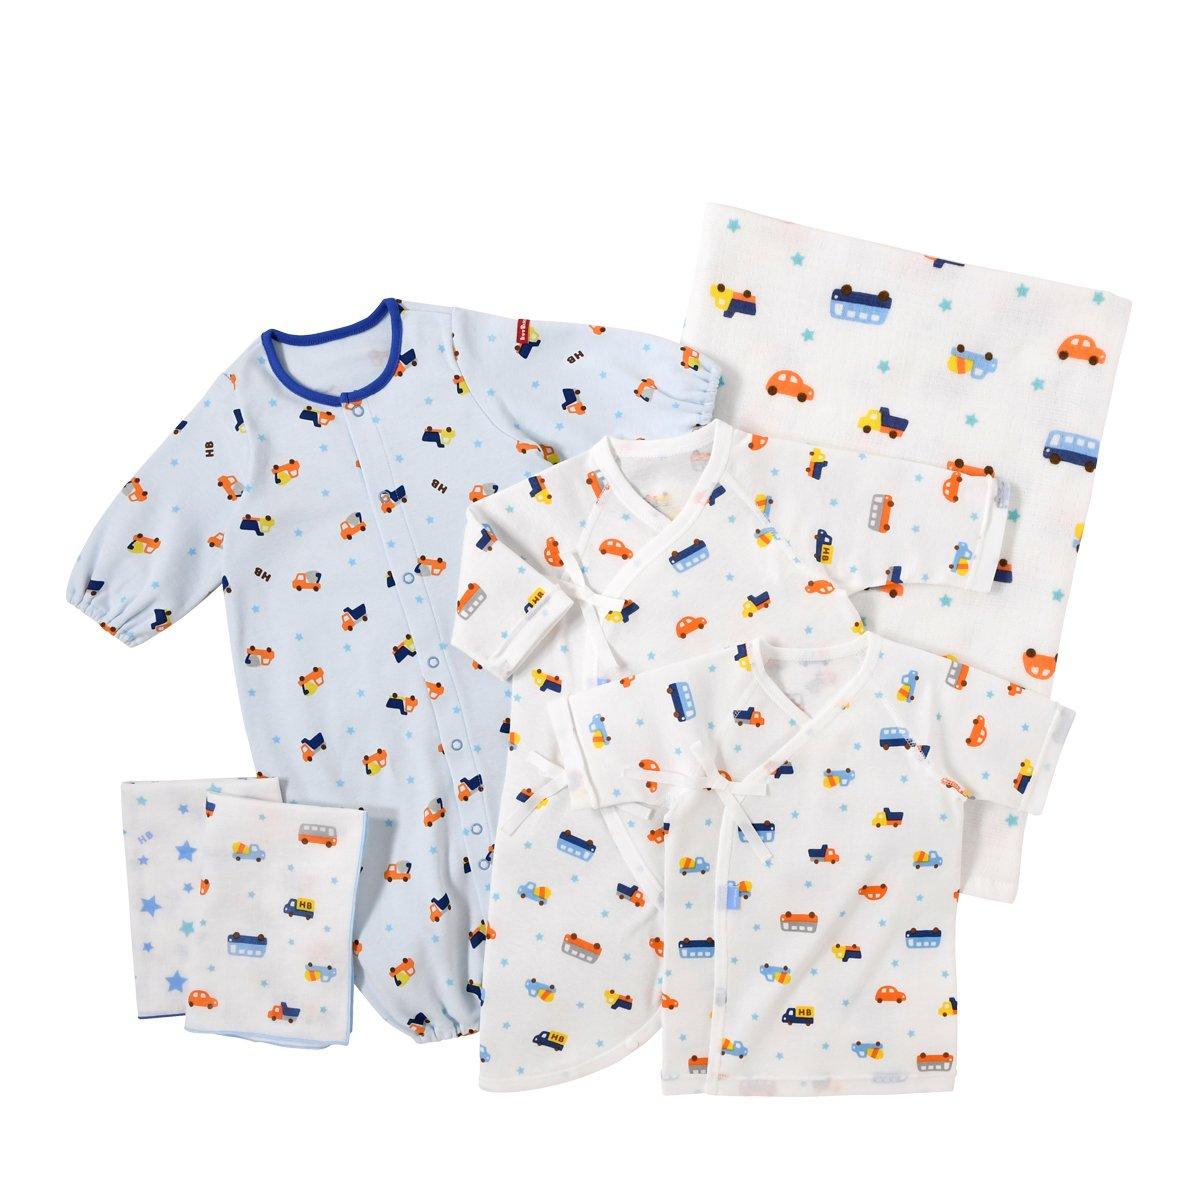 ミキハウス ホットビスケッツ (MIKIHOUSE HOT BISCUITS) ベビー服 ウェアセット 出産祝いセット スターターセット 74-9925-978(新生児用)ブルー  ブルー B06Y43HHST